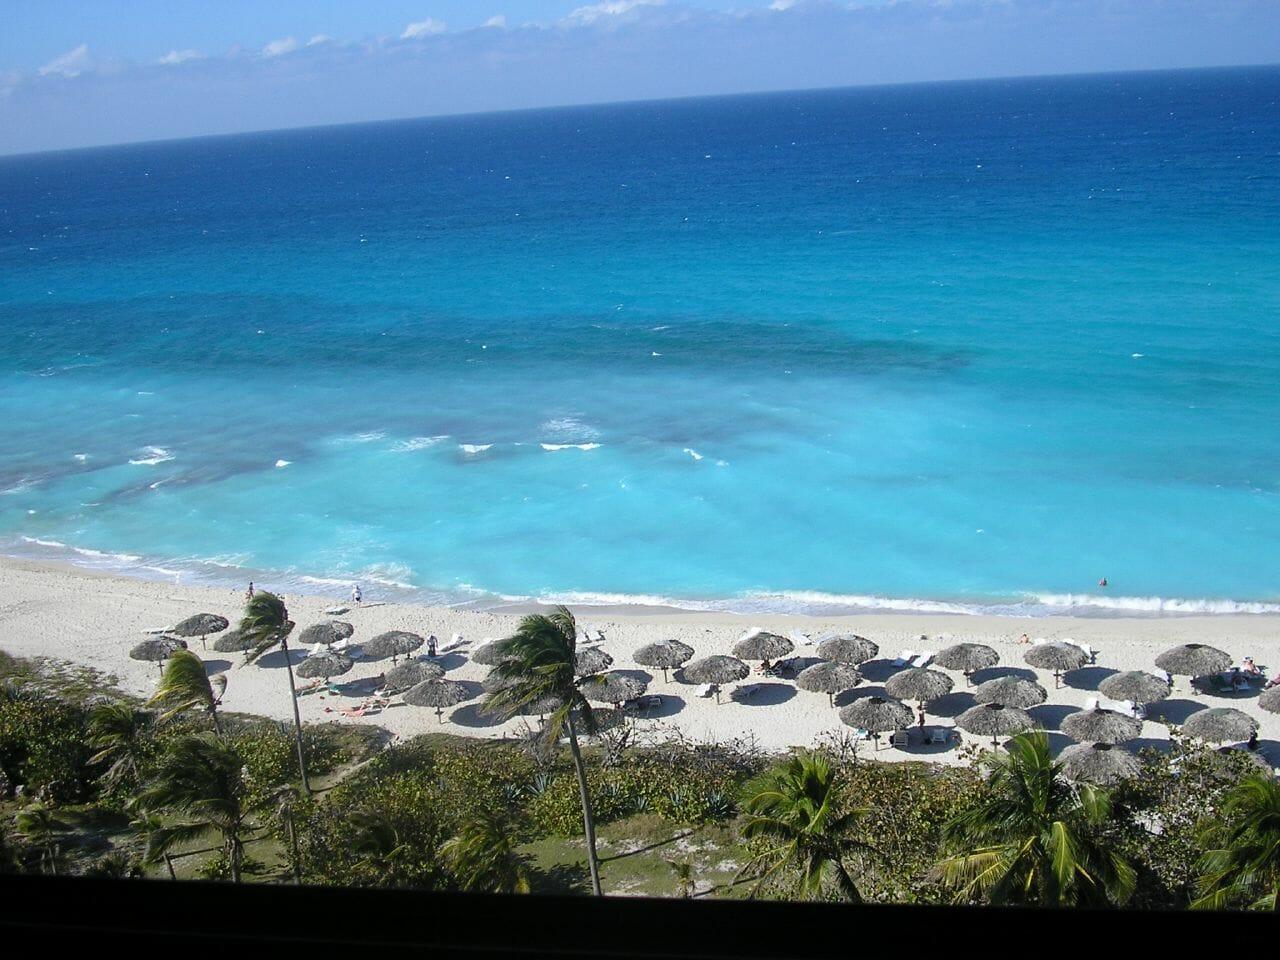 A praia de Veradero, em Cuba, pode ser visitada o ano todo, com garantia de sol